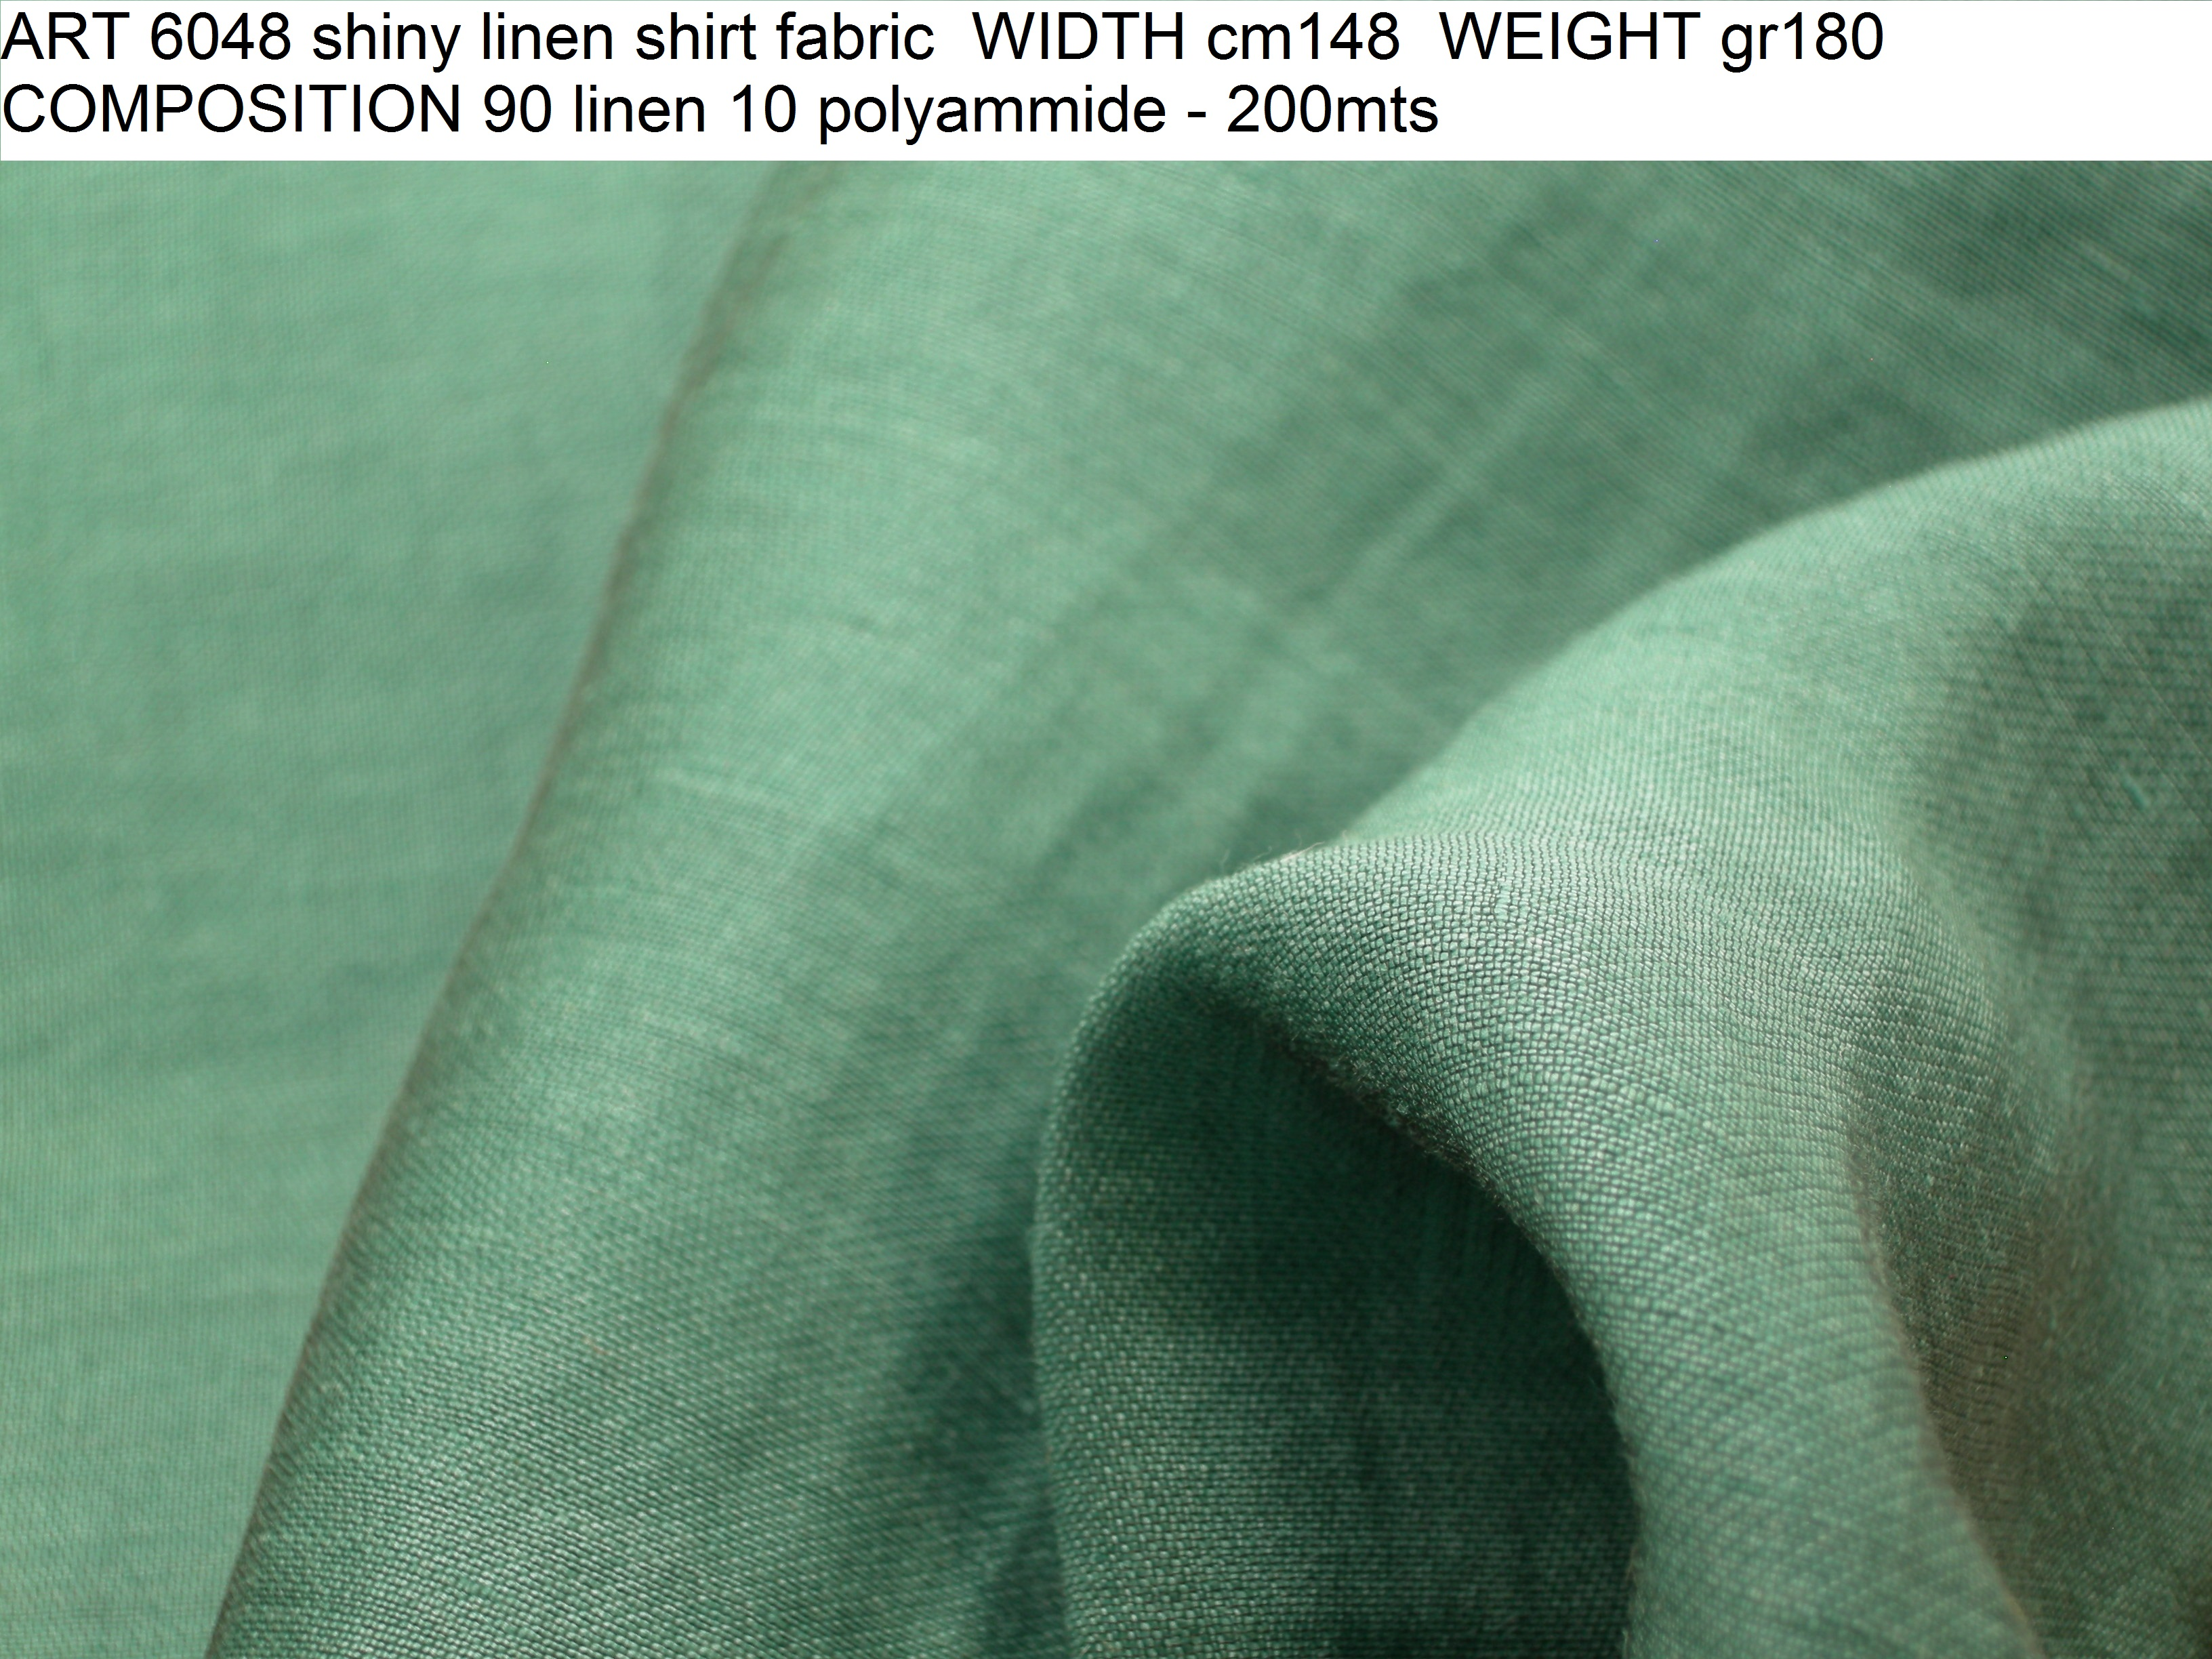 ART 6048 shiny linen shirt fabric WIDTH cm148 WEIGHT gr180 COMPOSITION 90 linen 10 polyammide - 200mts